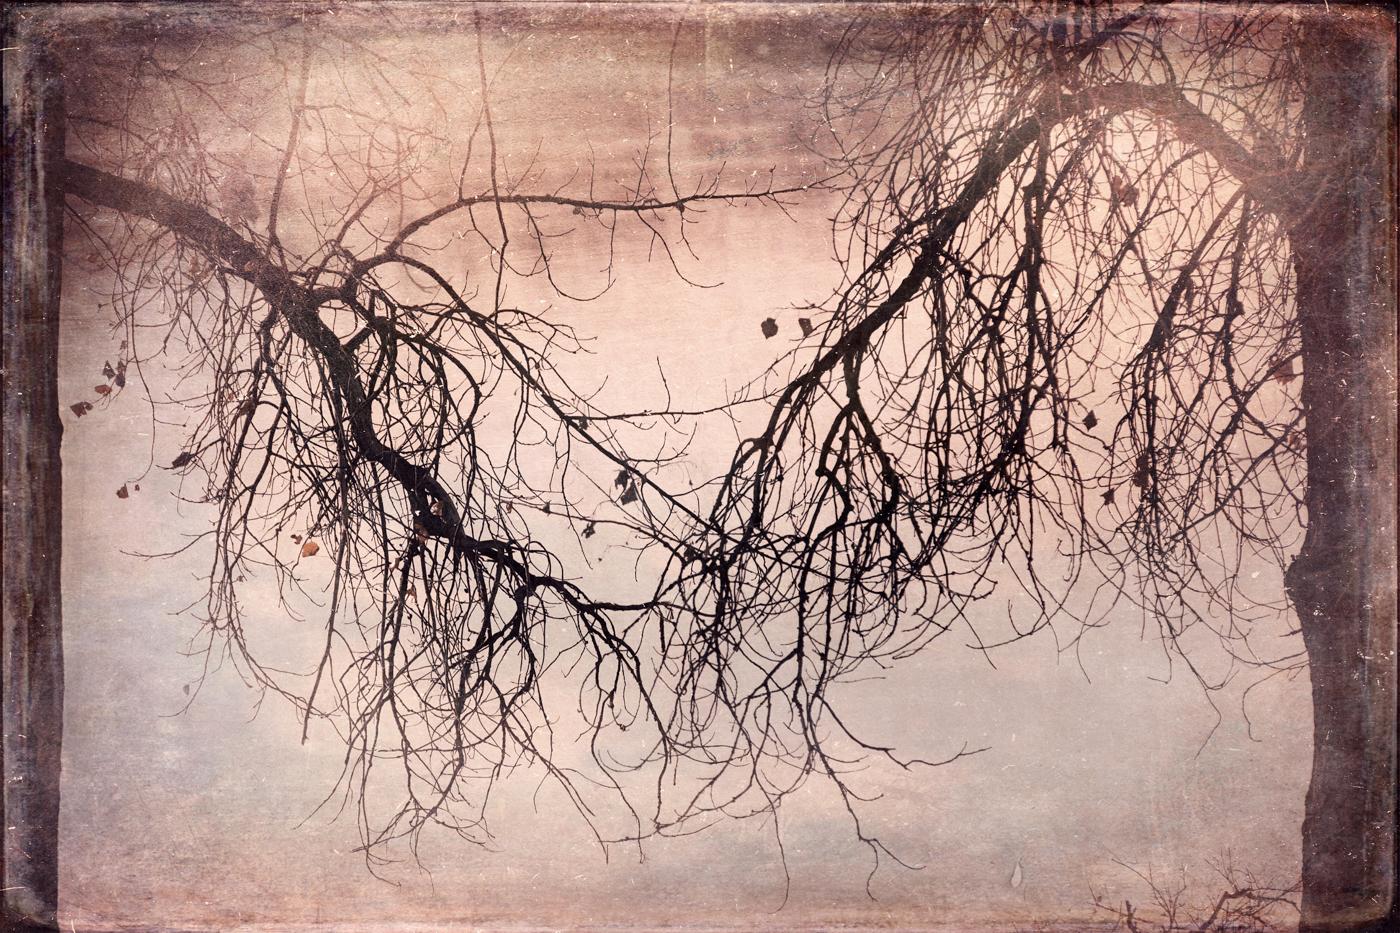 Reach © Wendi Schneider